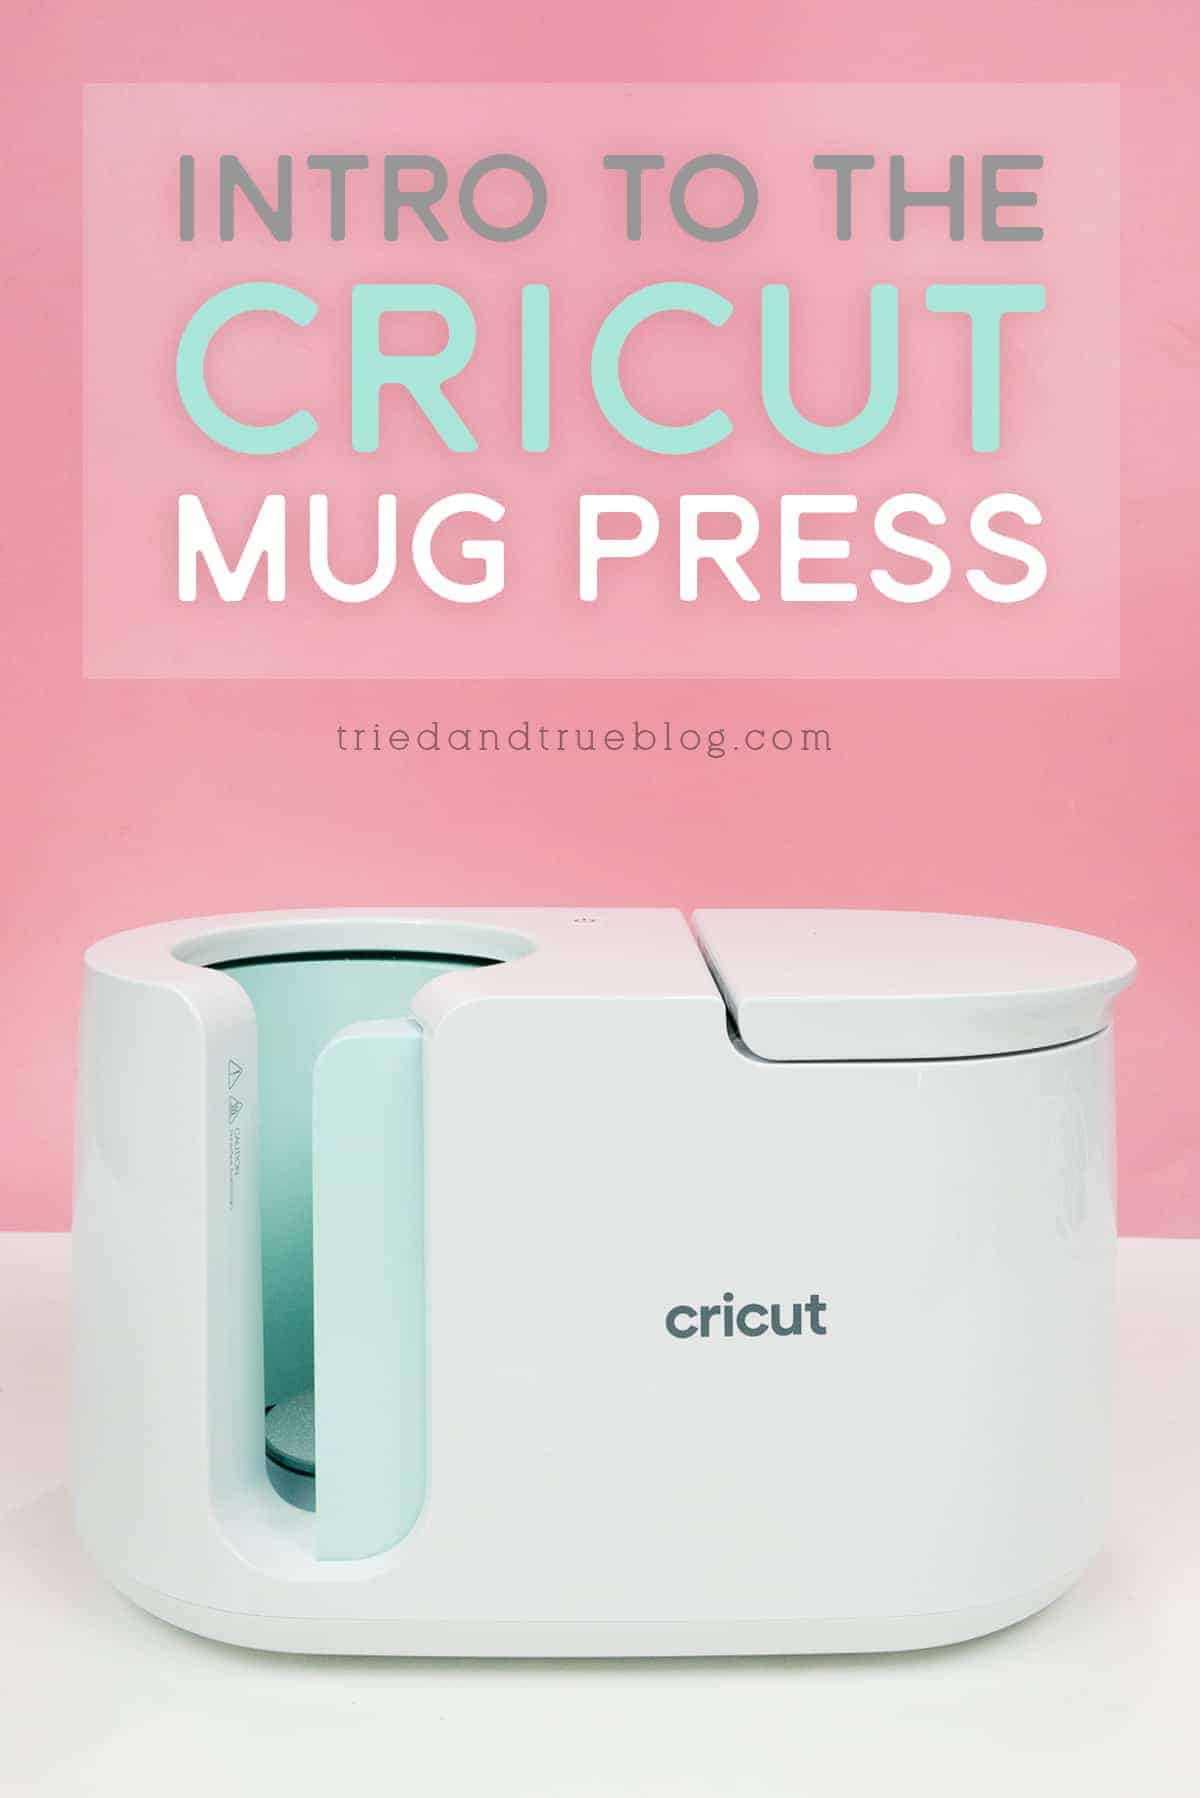 Cricut Mug Press EDIT01